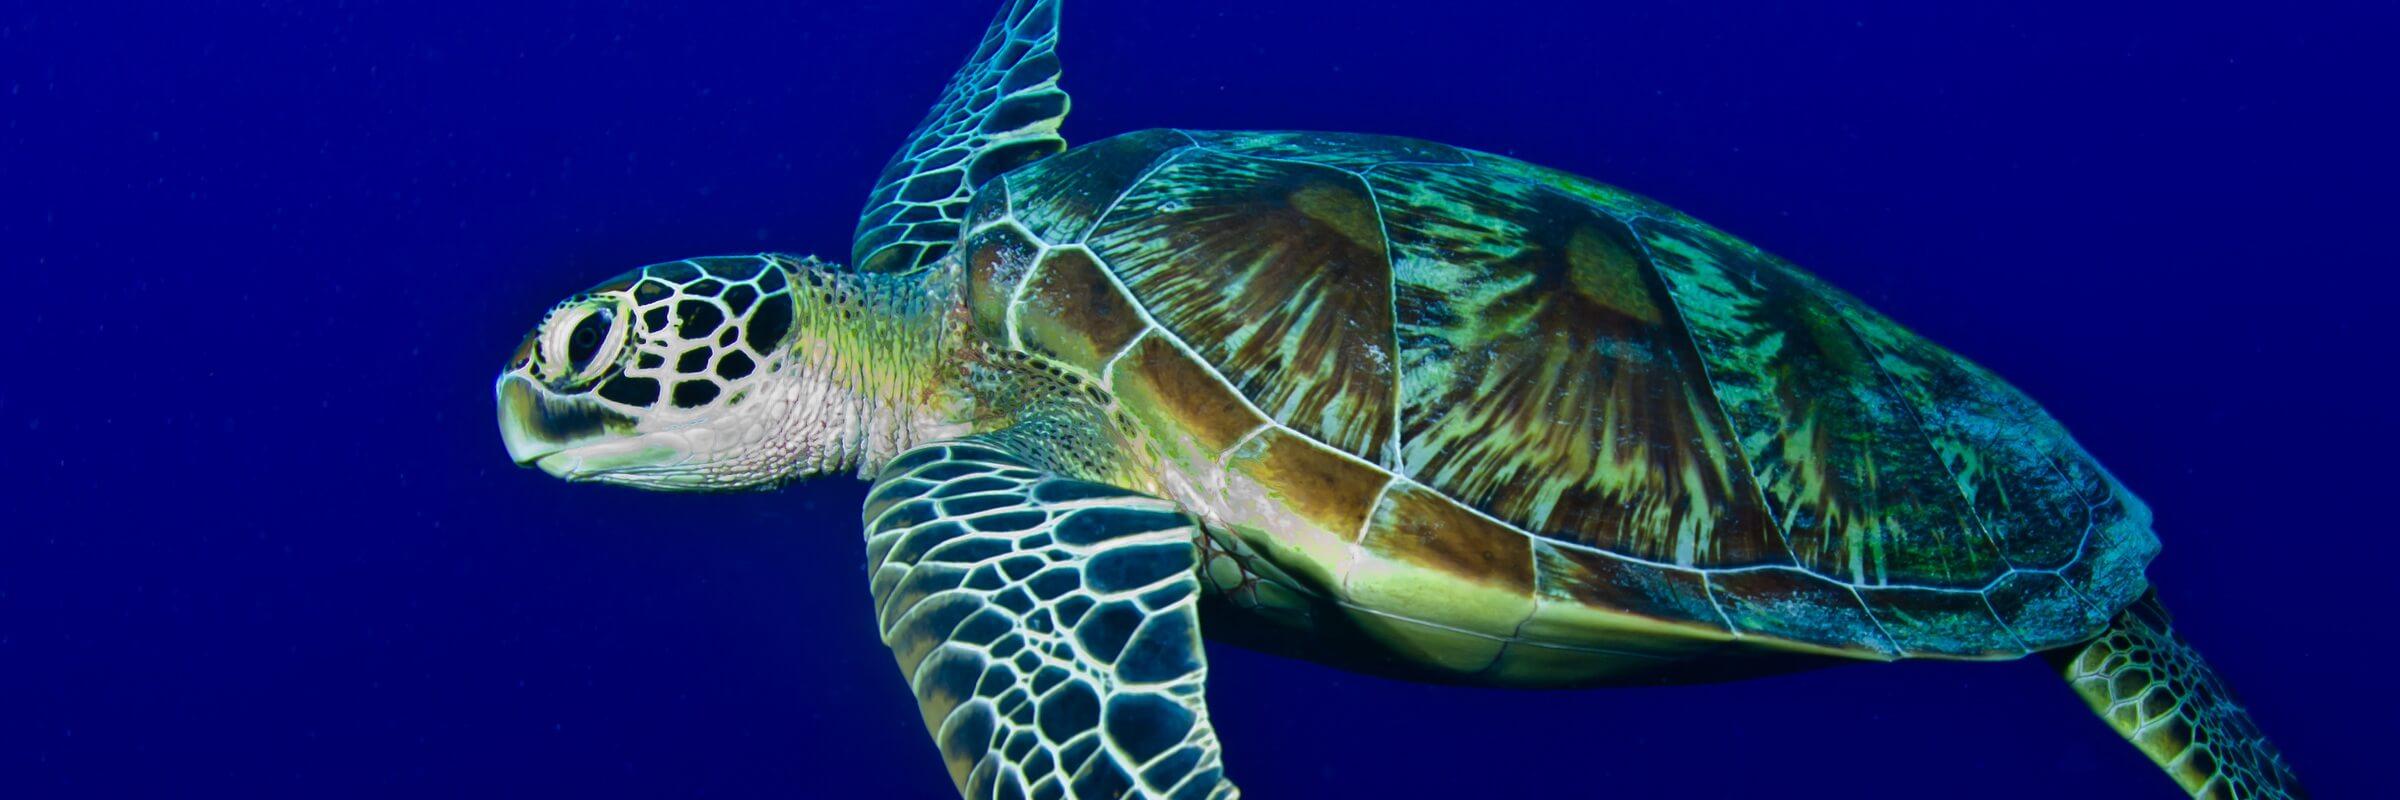 Meeresschildkröten sind in den Gewässern um Palau sehr zahlreich und können fast bei jedem Tauch- oder Schnorchelausflug bewundert werden.